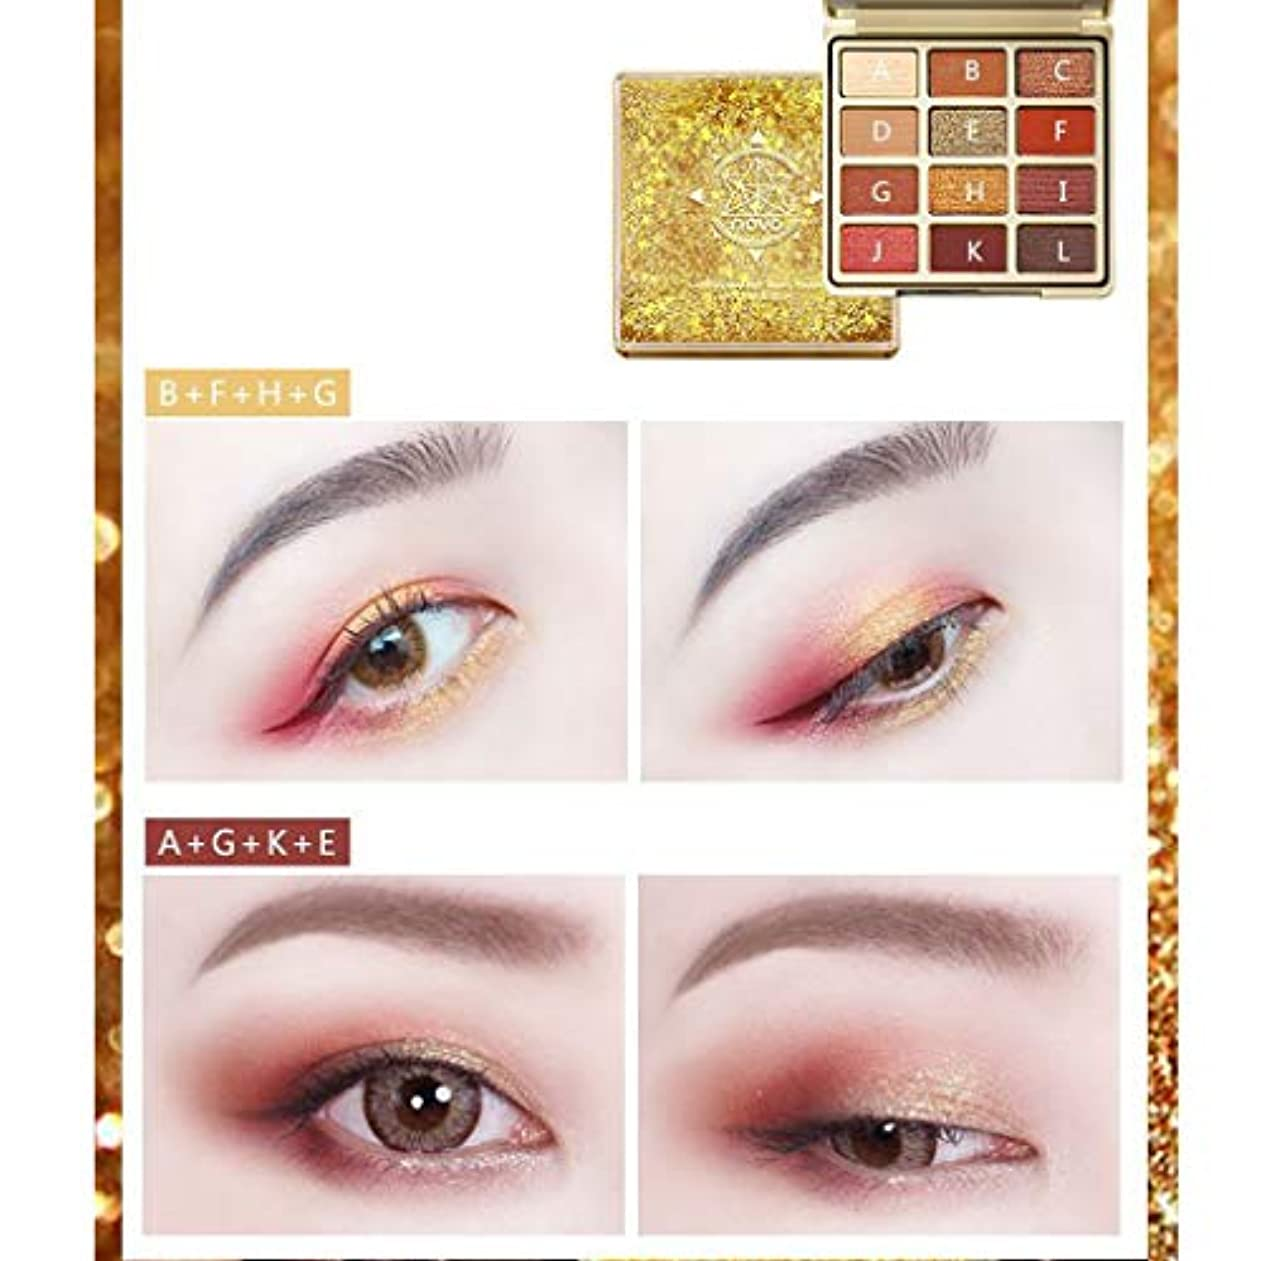 試してみる郵便局思想Akane アイシャドウパレット Novo ファッション INS 人気 超綺麗 美しい キラキラ 優雅な 防水 魅力的 高級 可愛い 持ち便利 日常 Eye Shadow (12色) 103